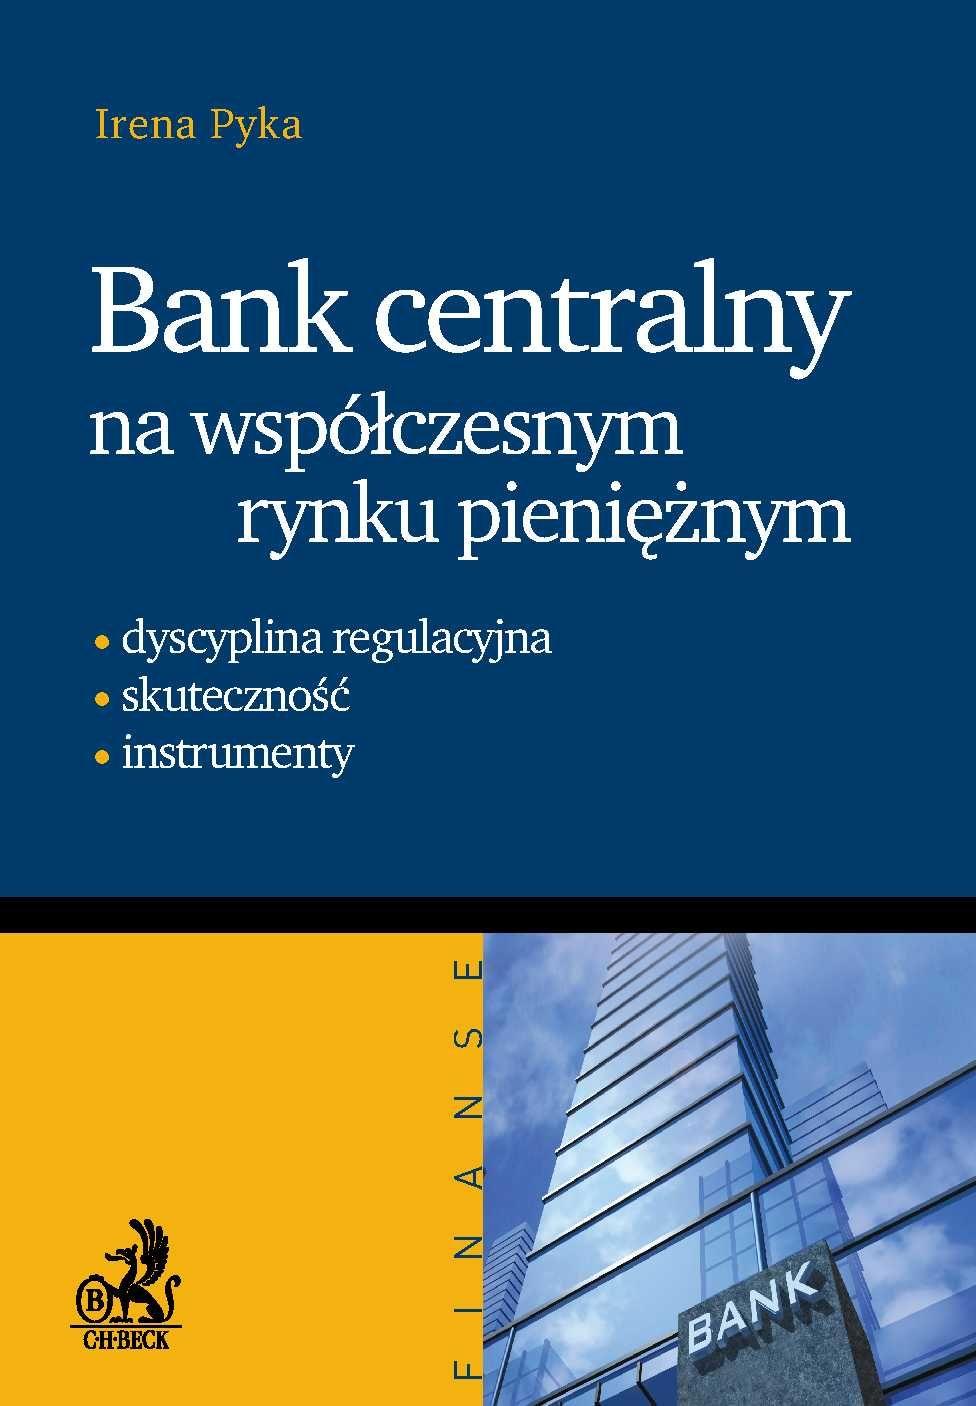 Bank Centralny na współczesnym rynku pieniężnym - Ebook (Książka PDF) do pobrania w formacie PDF